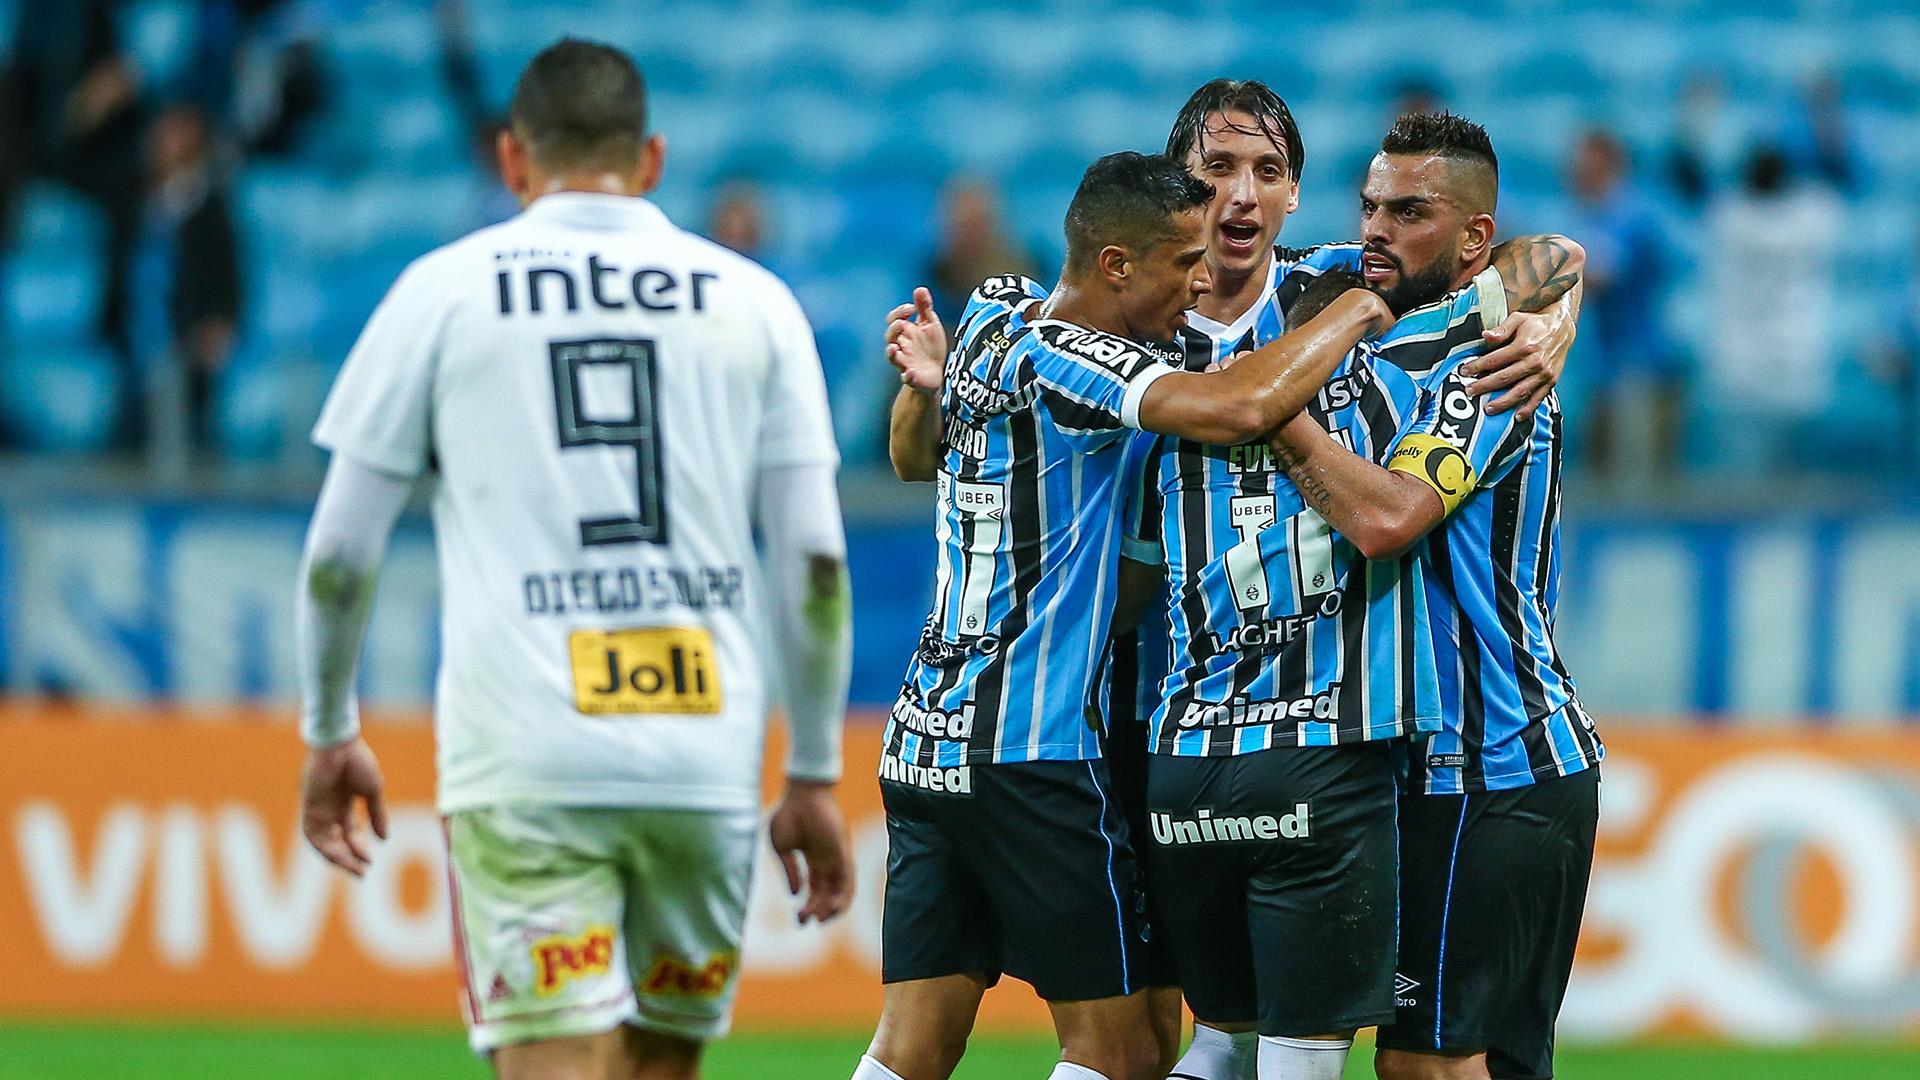 Diego Souza Everton Geromel Cicero Gremio Sao Paulo Brasileirao Serie A 26072018